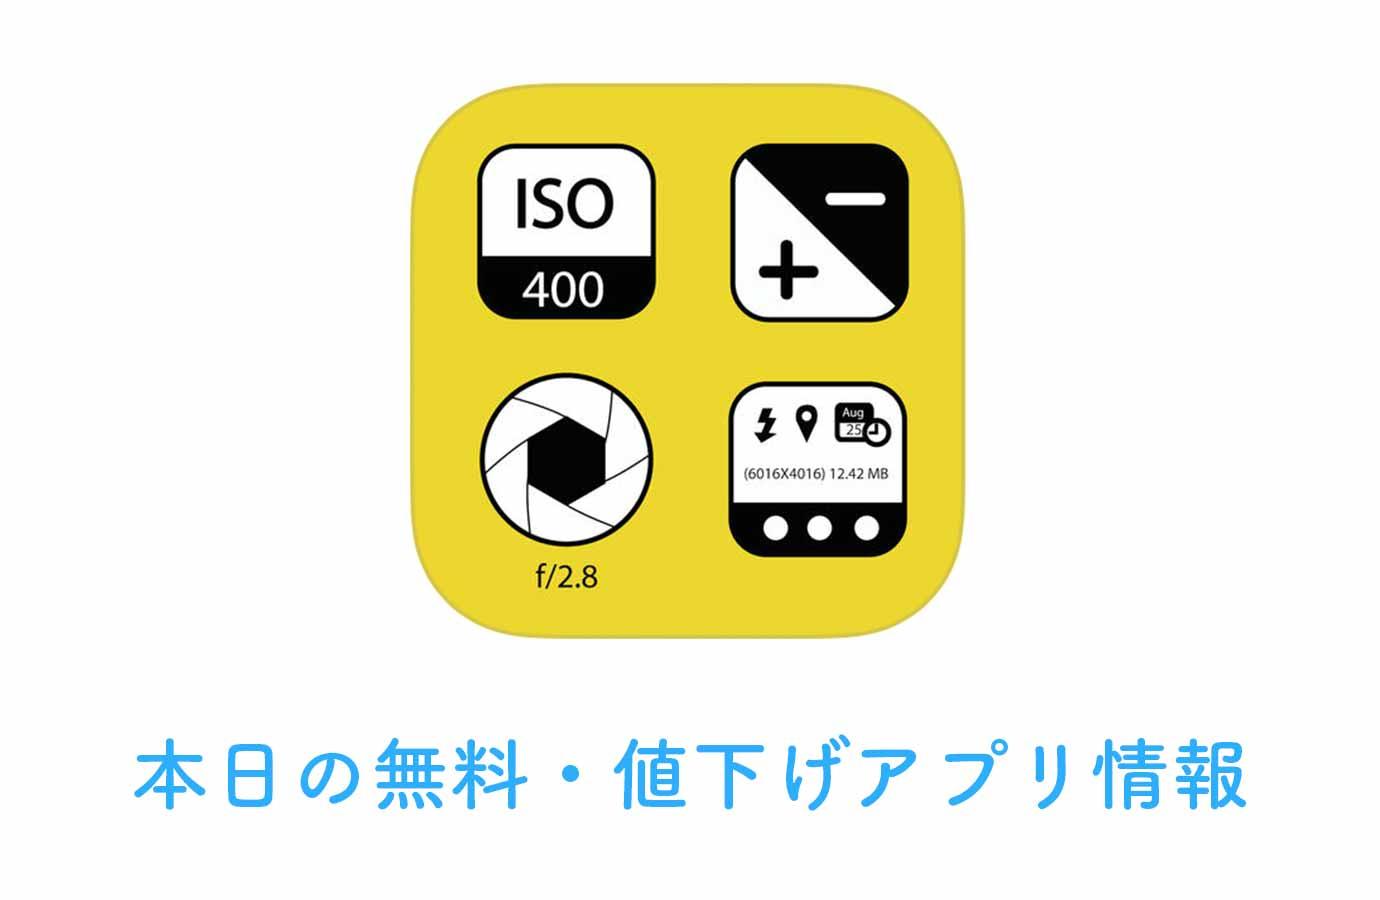 【360円→無料】写真の位置情報などのExifデータを確認・削除できる「Exif Viewer」など【2/5】本日の無料・値下げアプリ情報